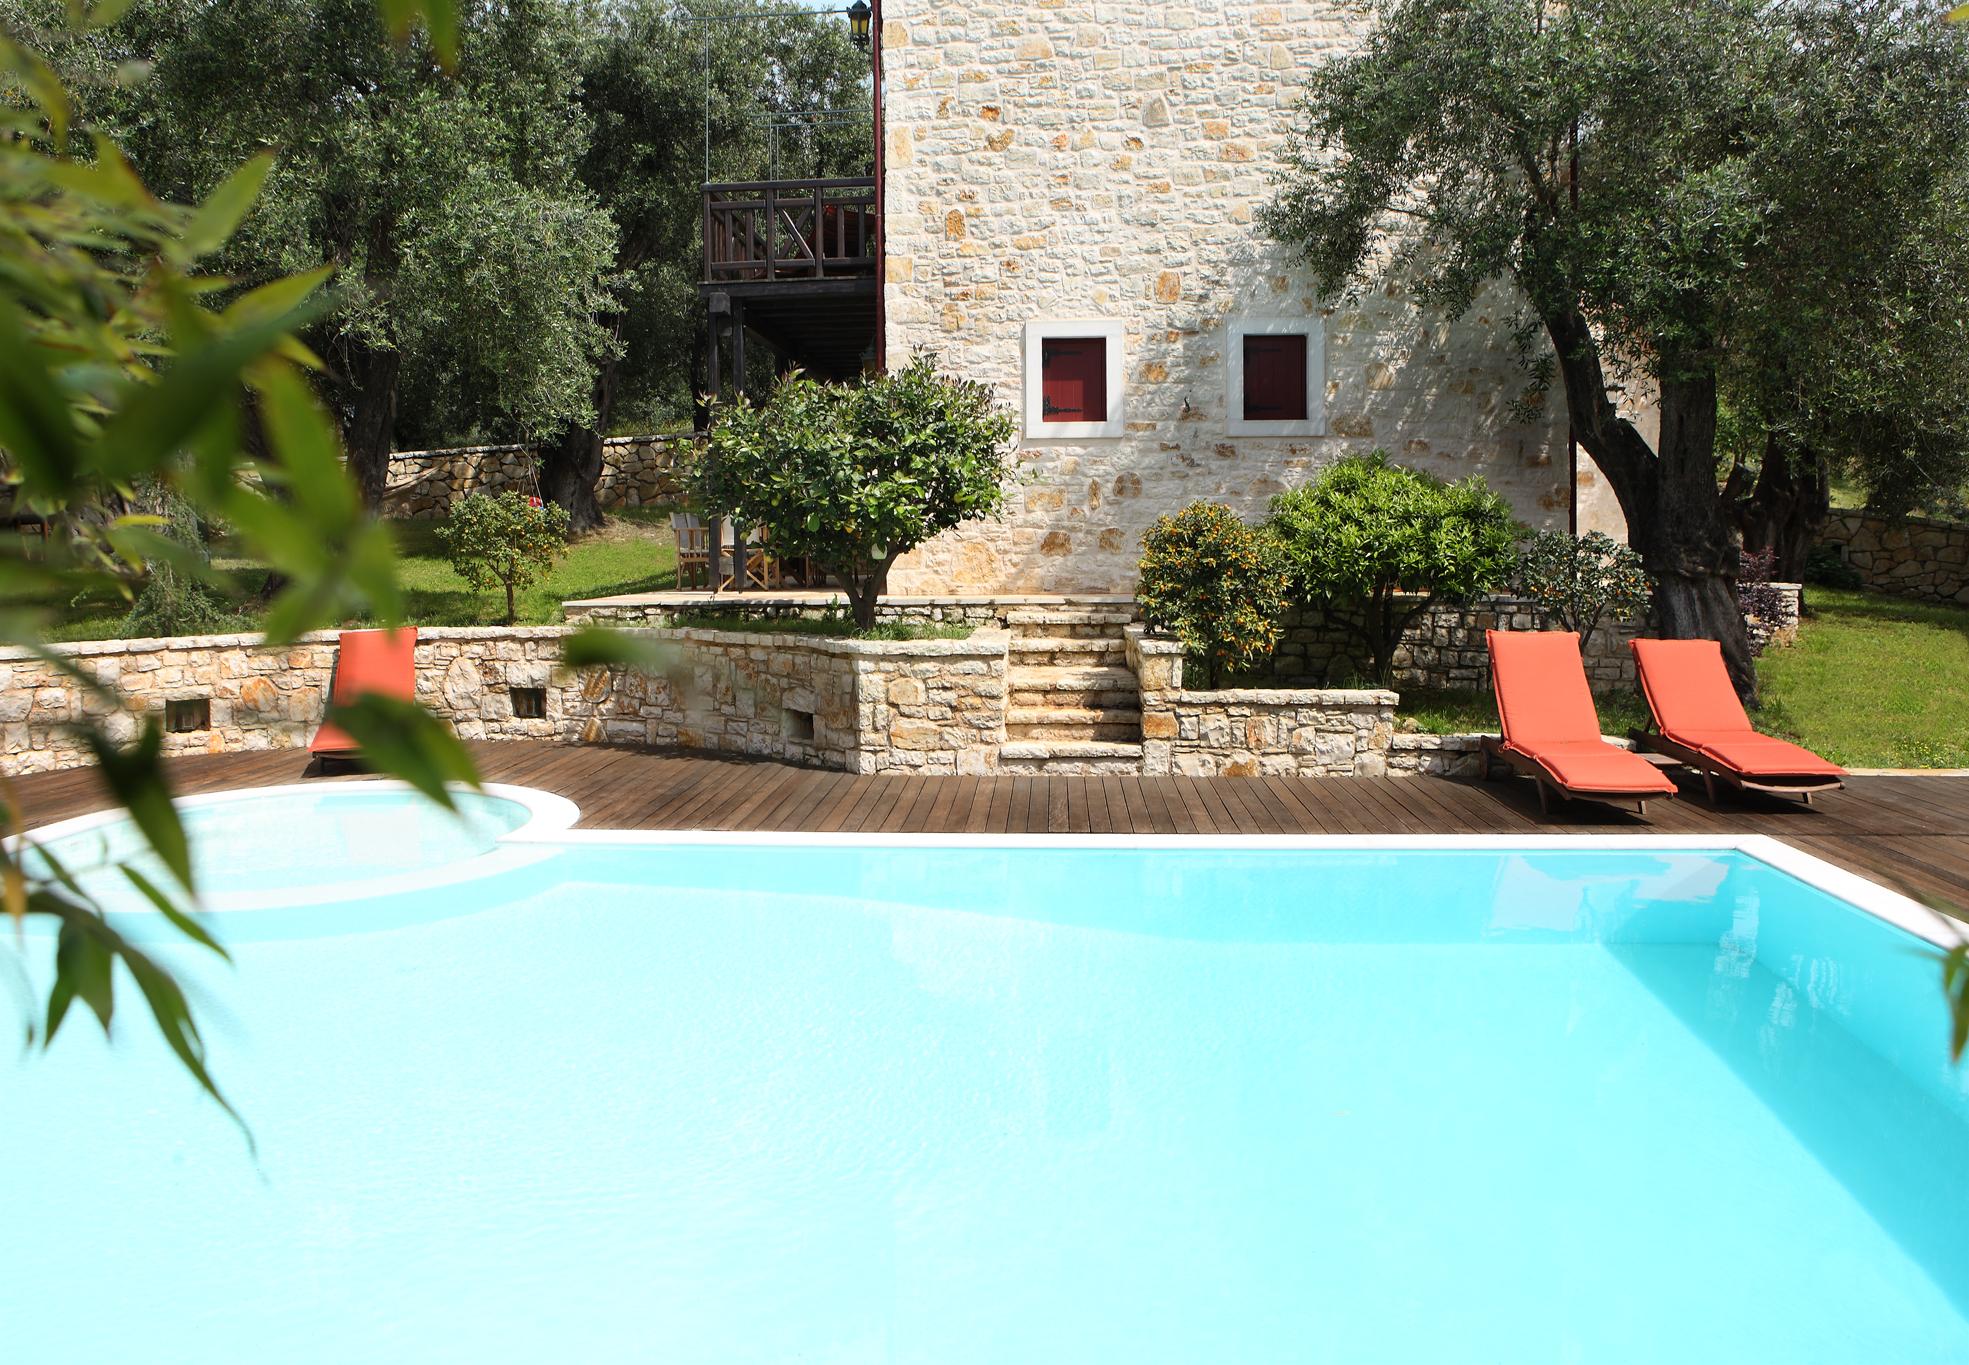 Korfu Villen Thalia, Agios Spiridon, Korfu, Griechenland, KorfuCorfu.de